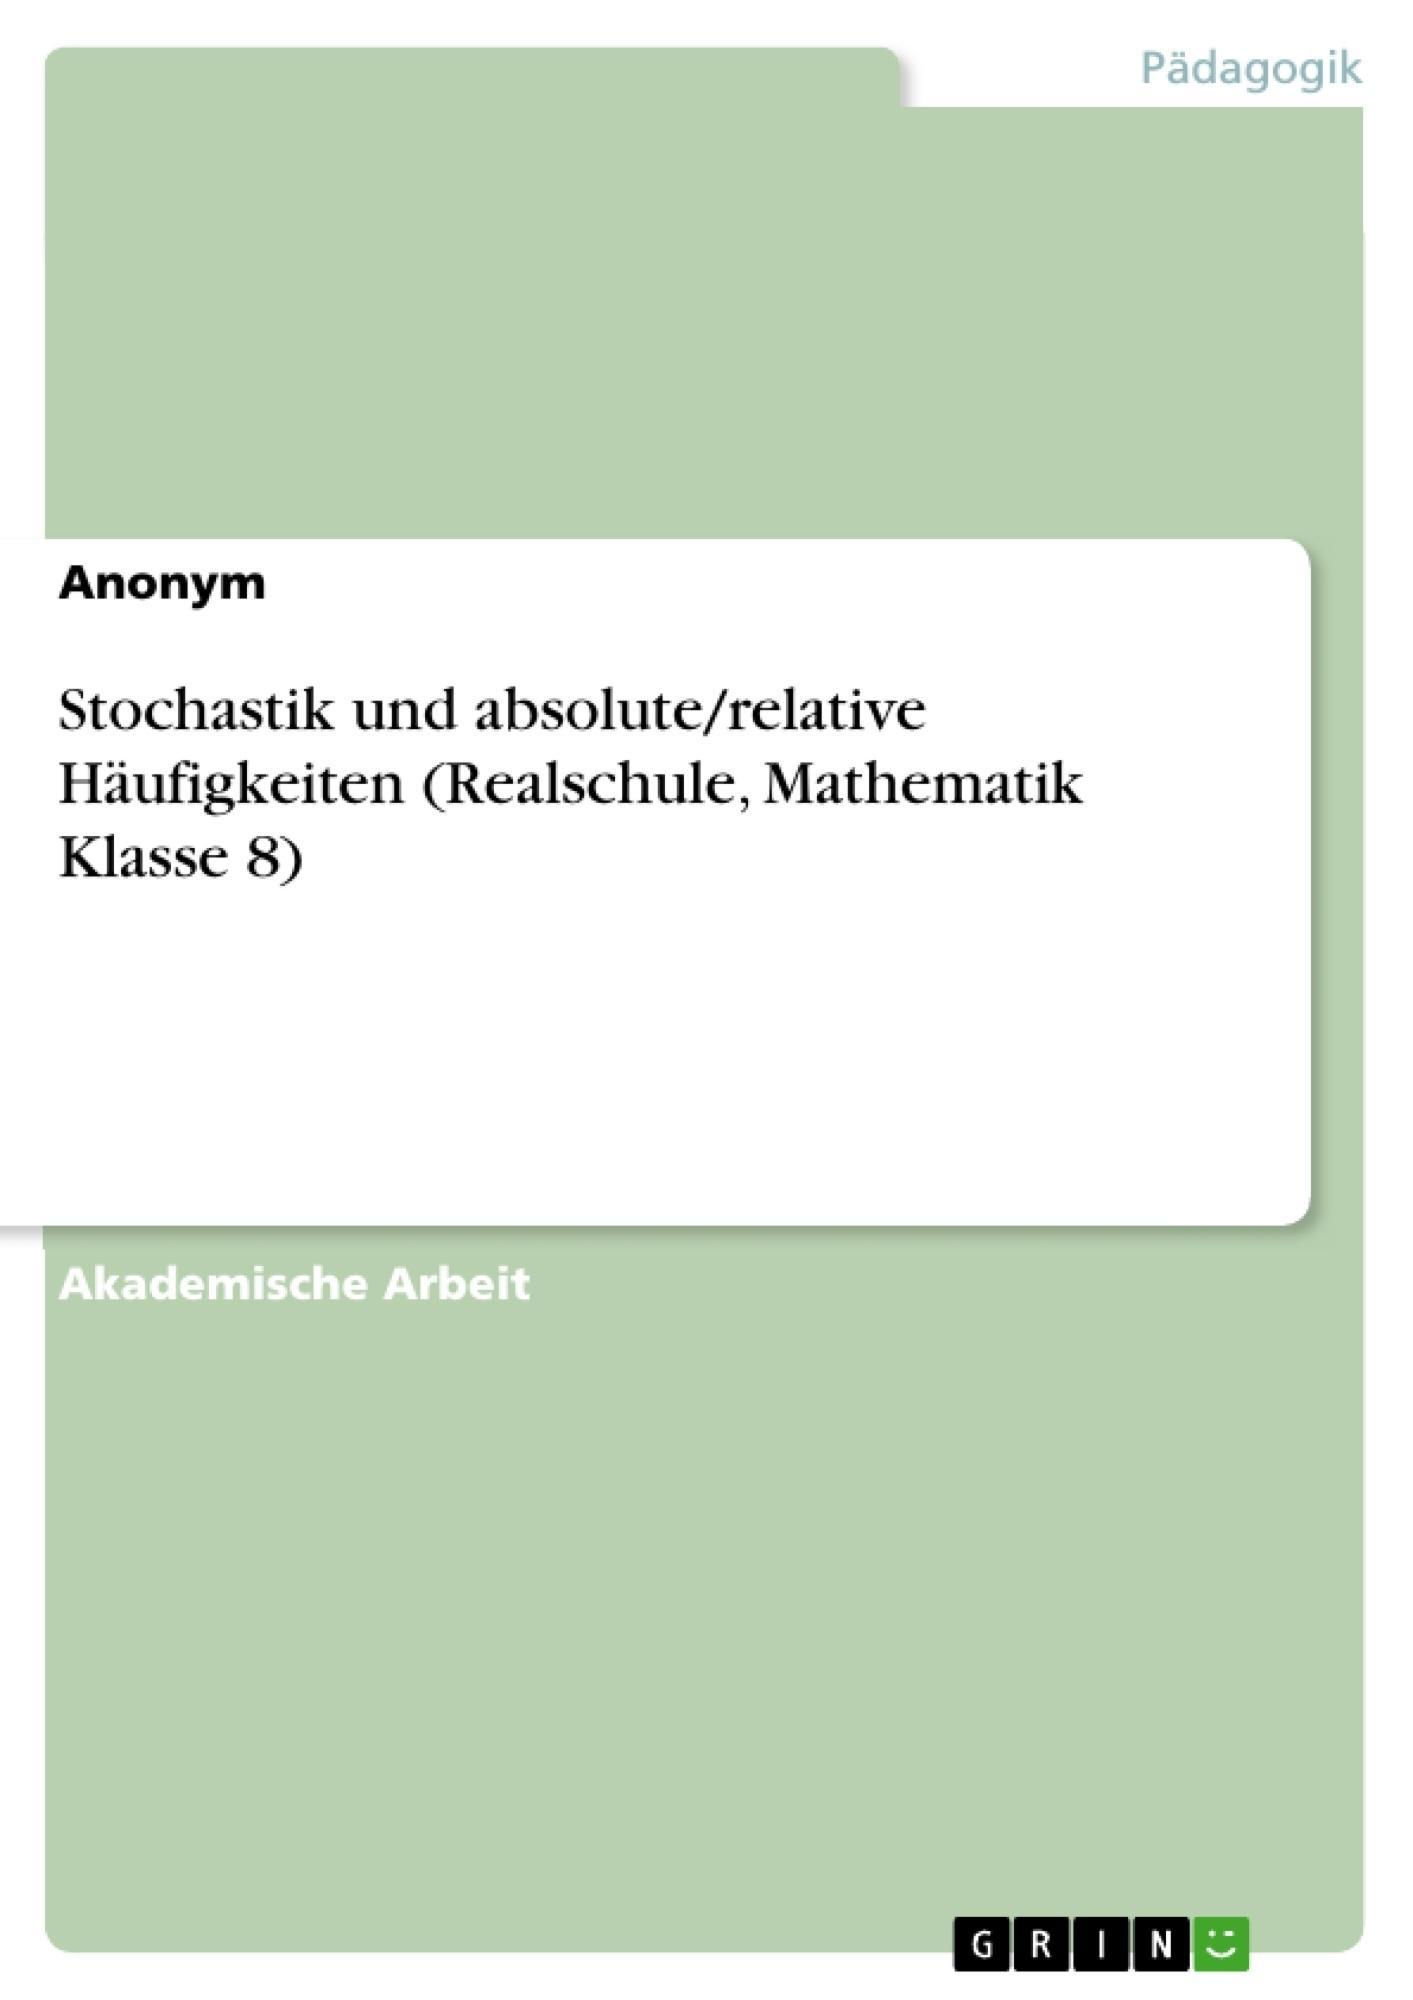 Titel: Stochastik und absolute/relative Häufigkeiten (Realschule, Mathematik Klasse 8)